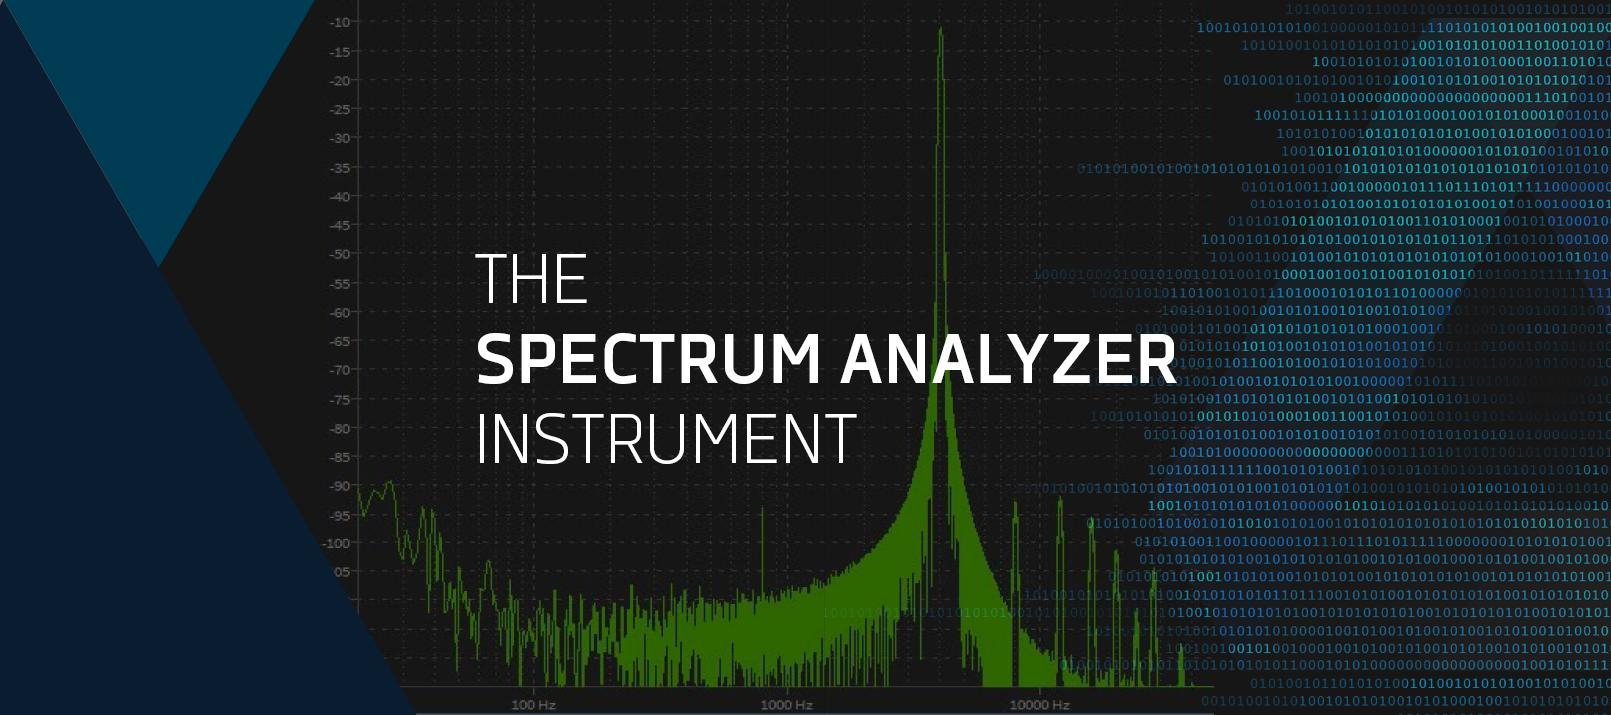 oxygen-fft-analysis-spectrum-analyzer